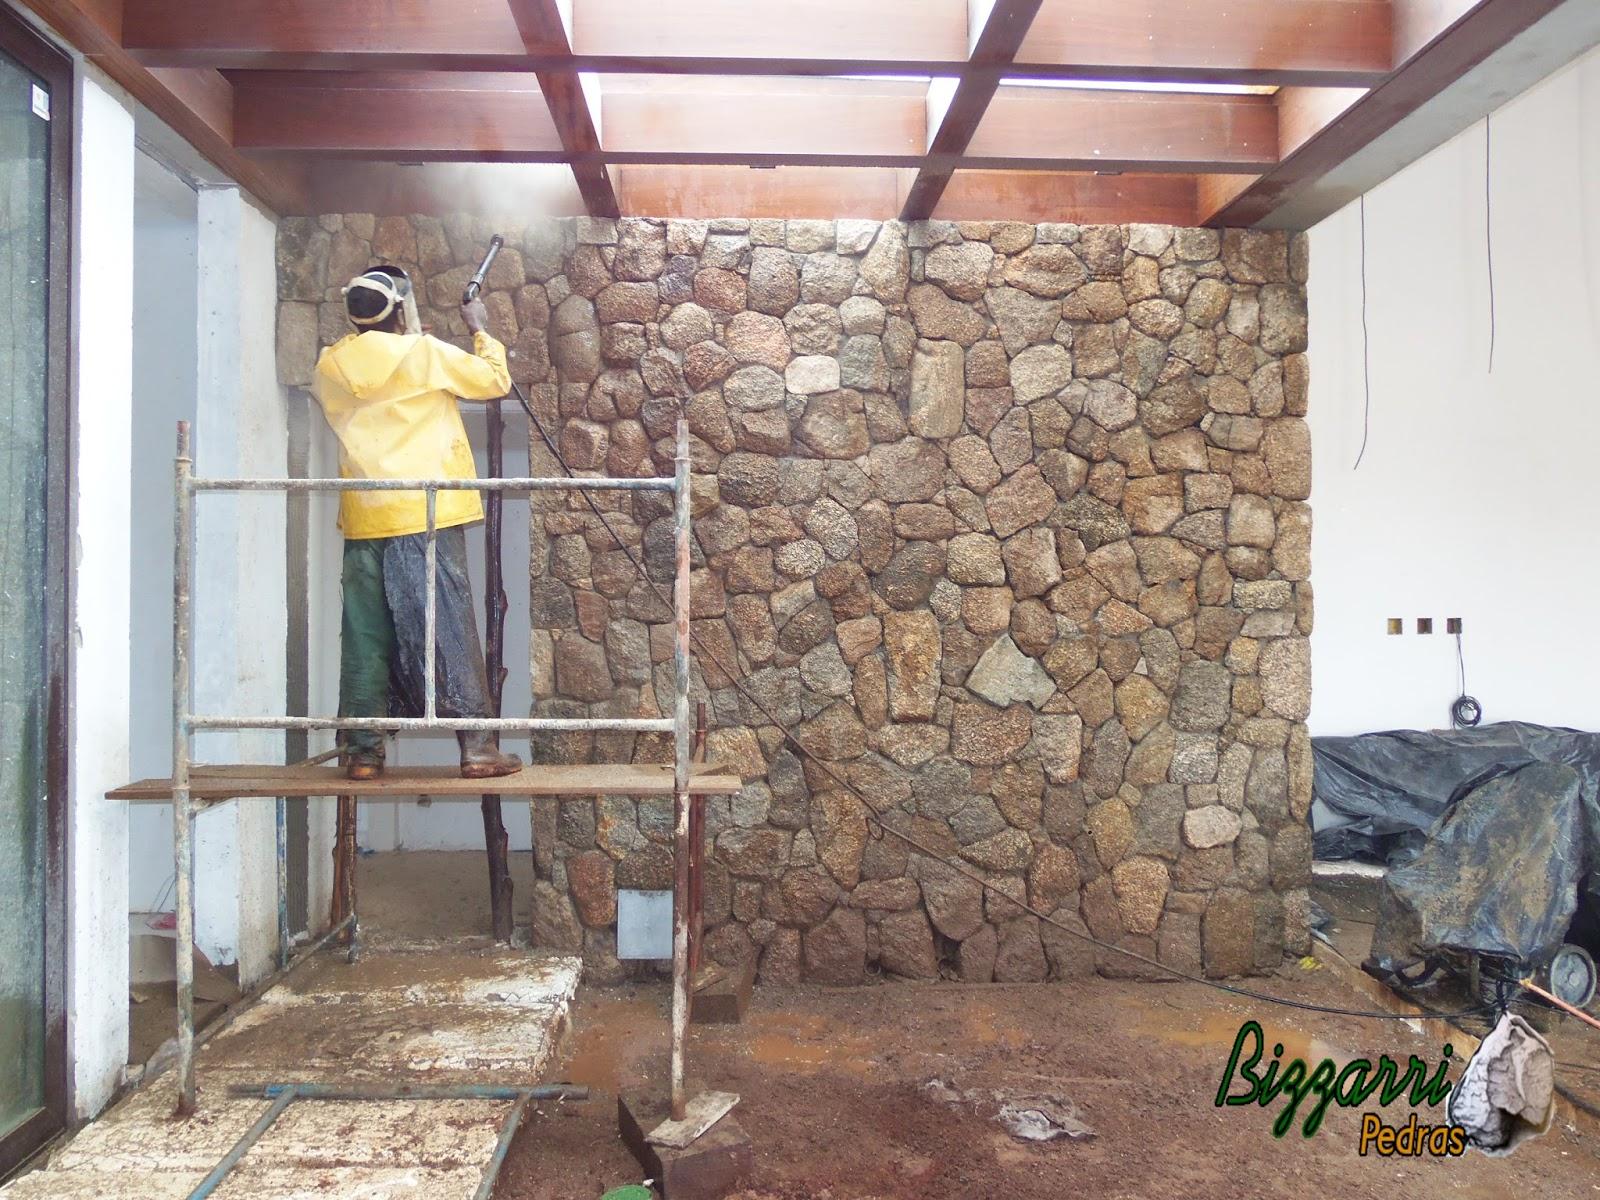 pedras jardim de inverno : pedras jardim de inverno:Parede de pedra com pedra moledo sendo lavada em baixo do pergolado de